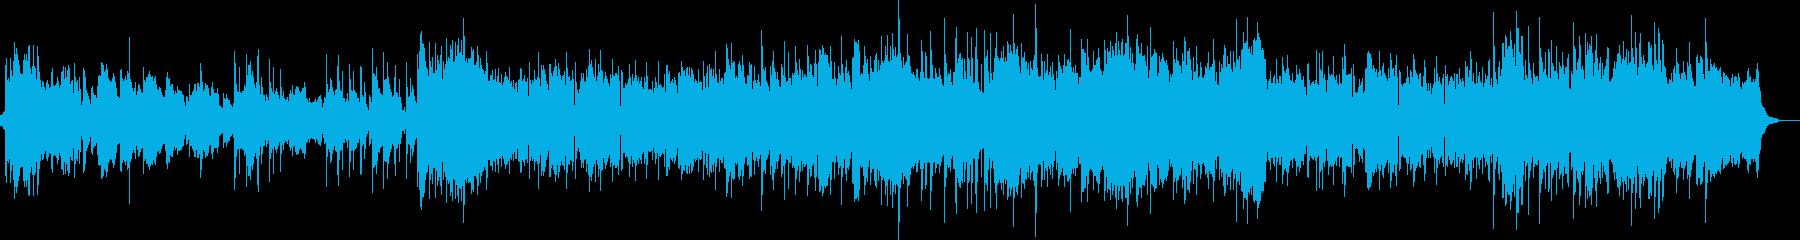 ストリングスの優しくほのぼのとしたオケ の再生済みの波形